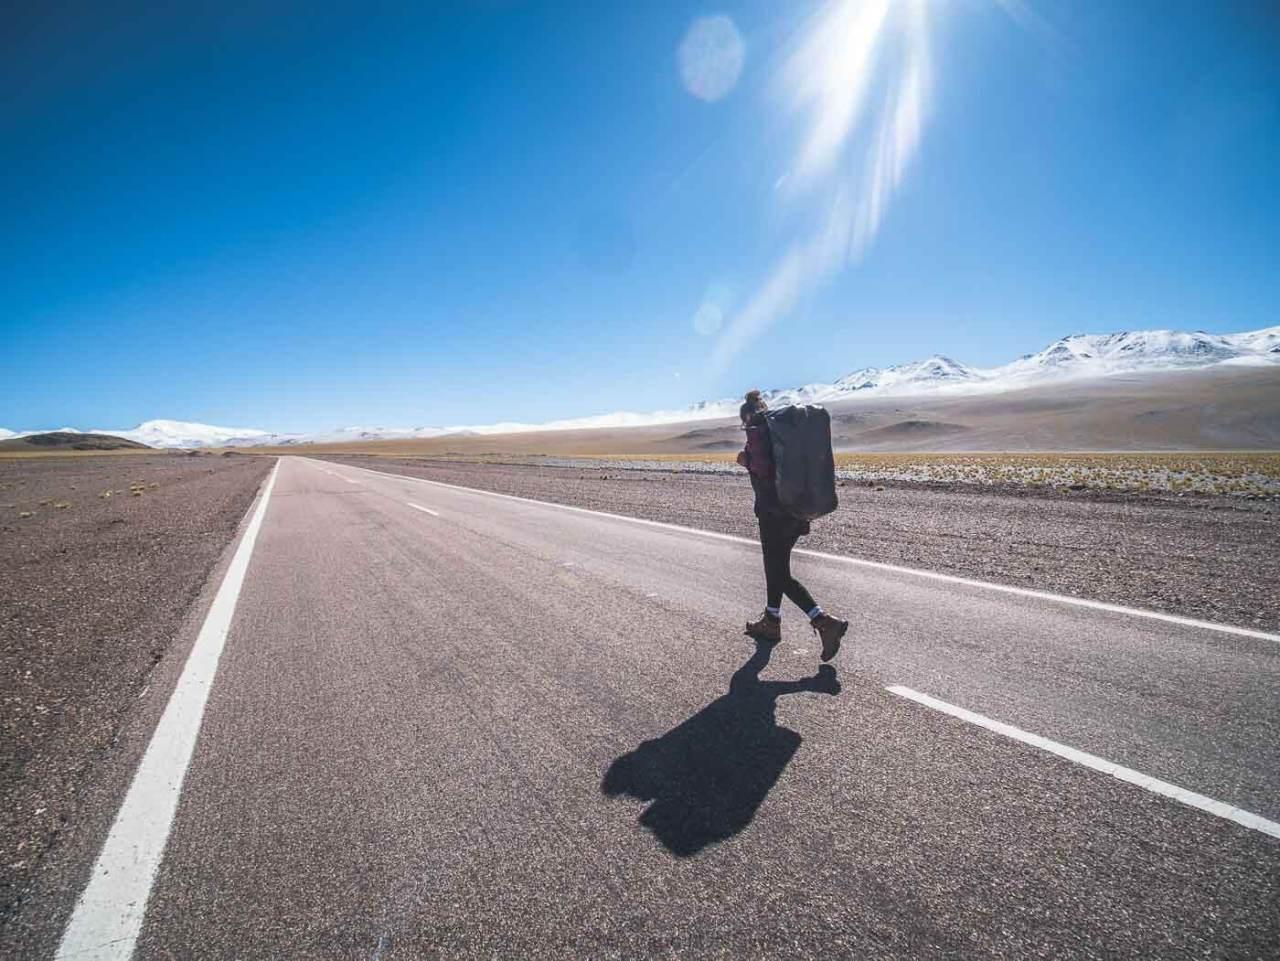 Viaggiare da soli paure e meraviglie